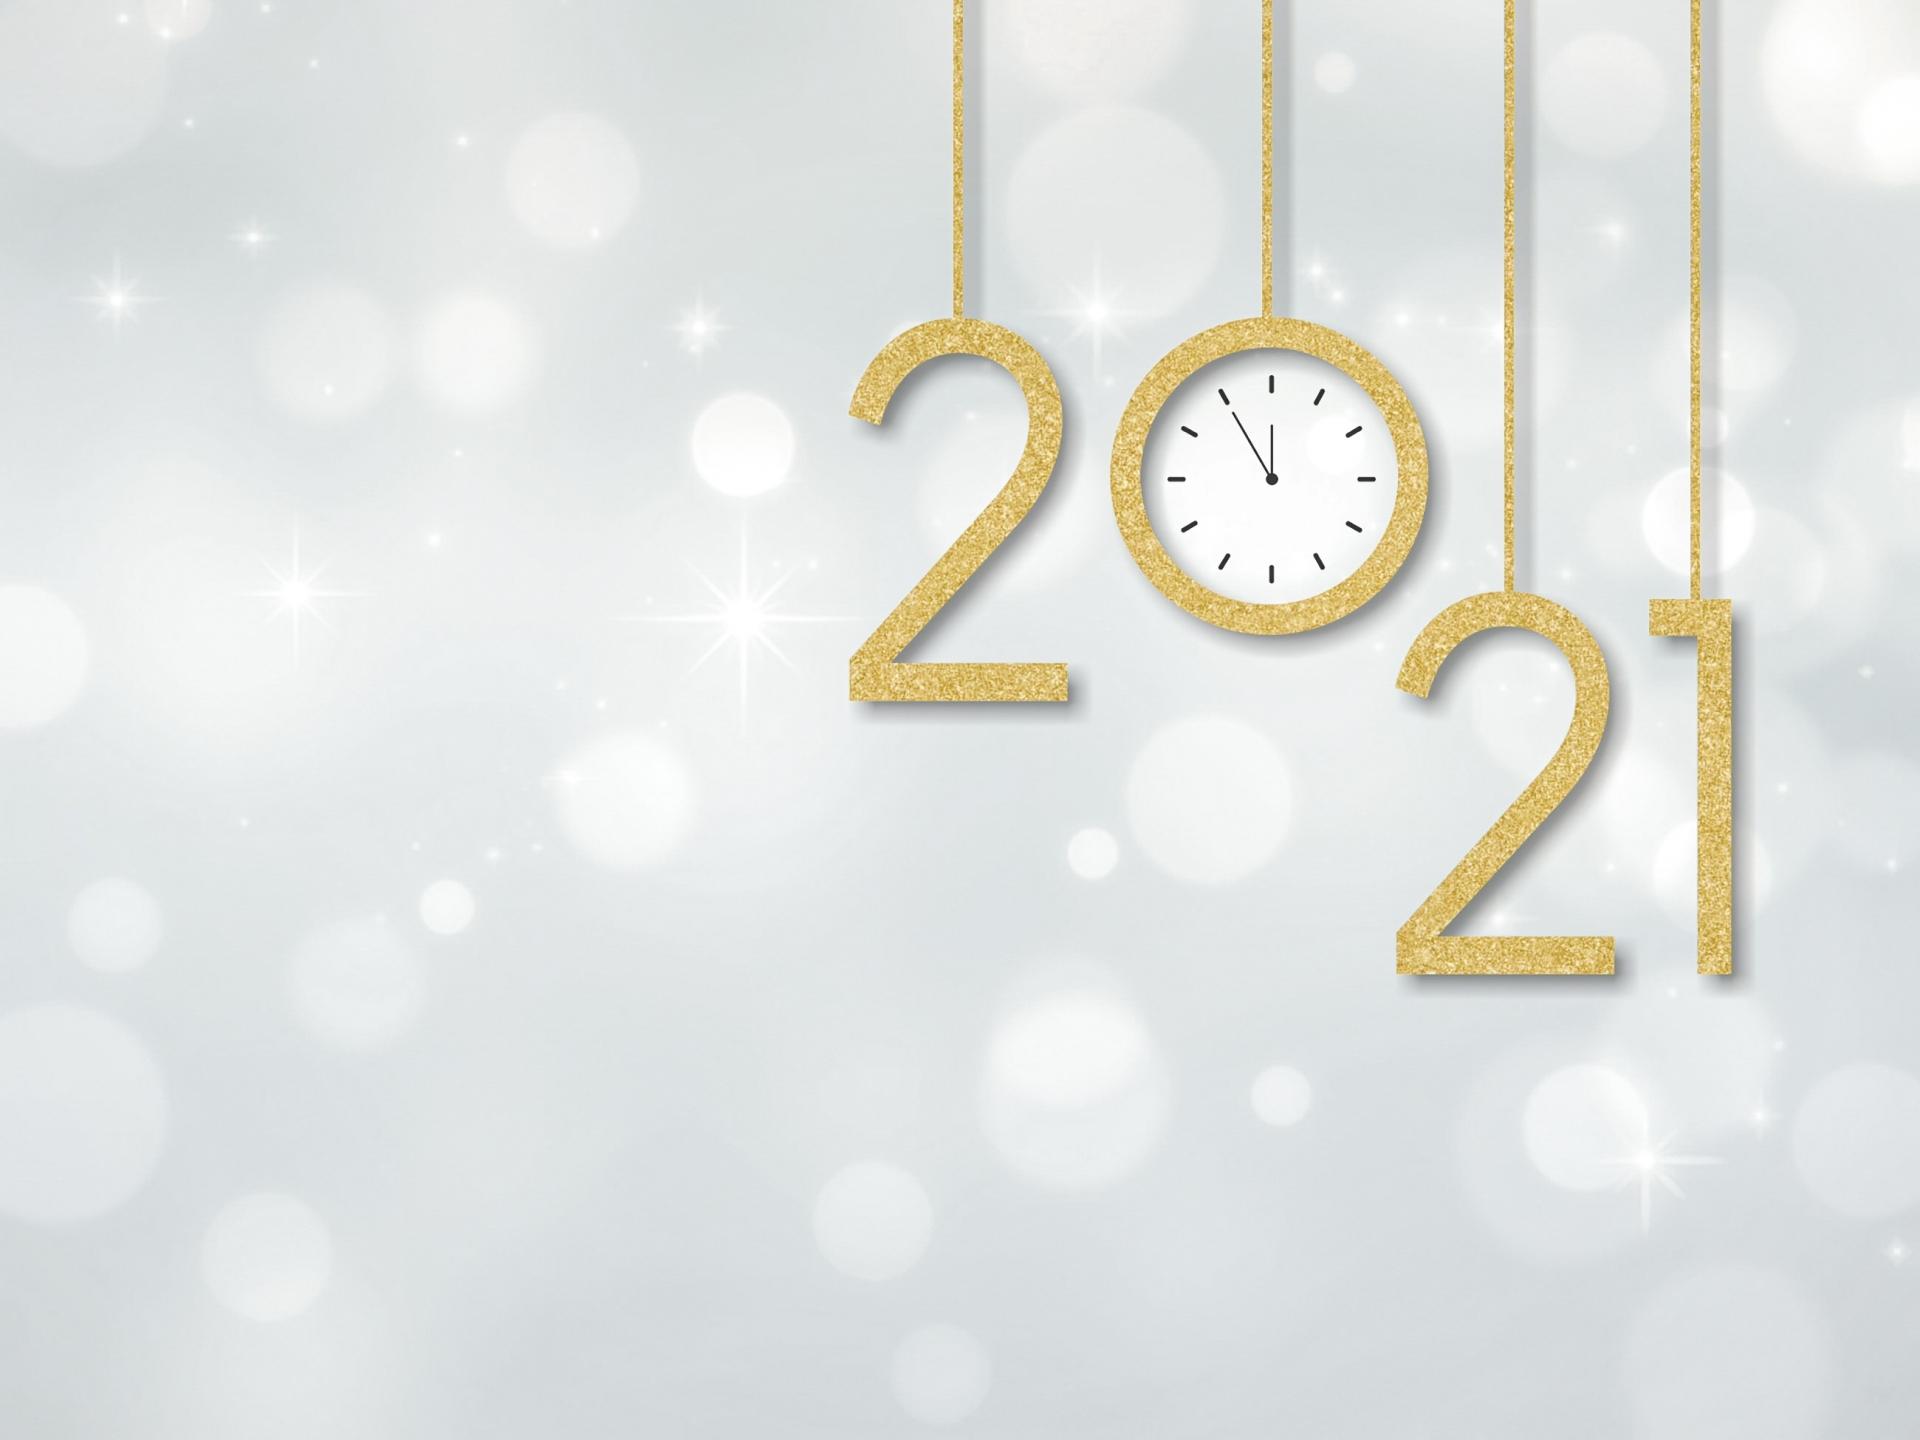 2021-image